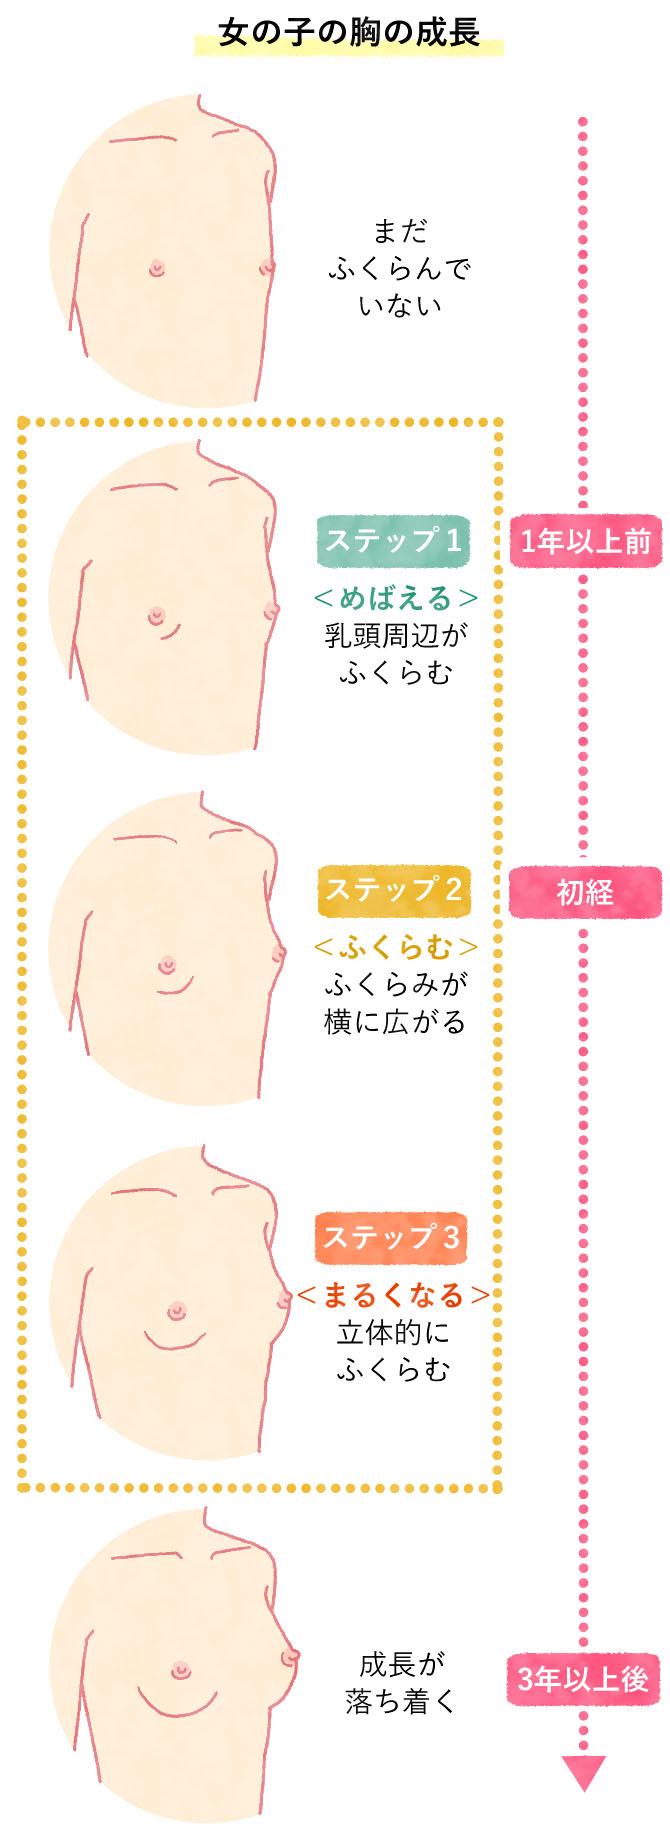 女の子のバストの成長の過程